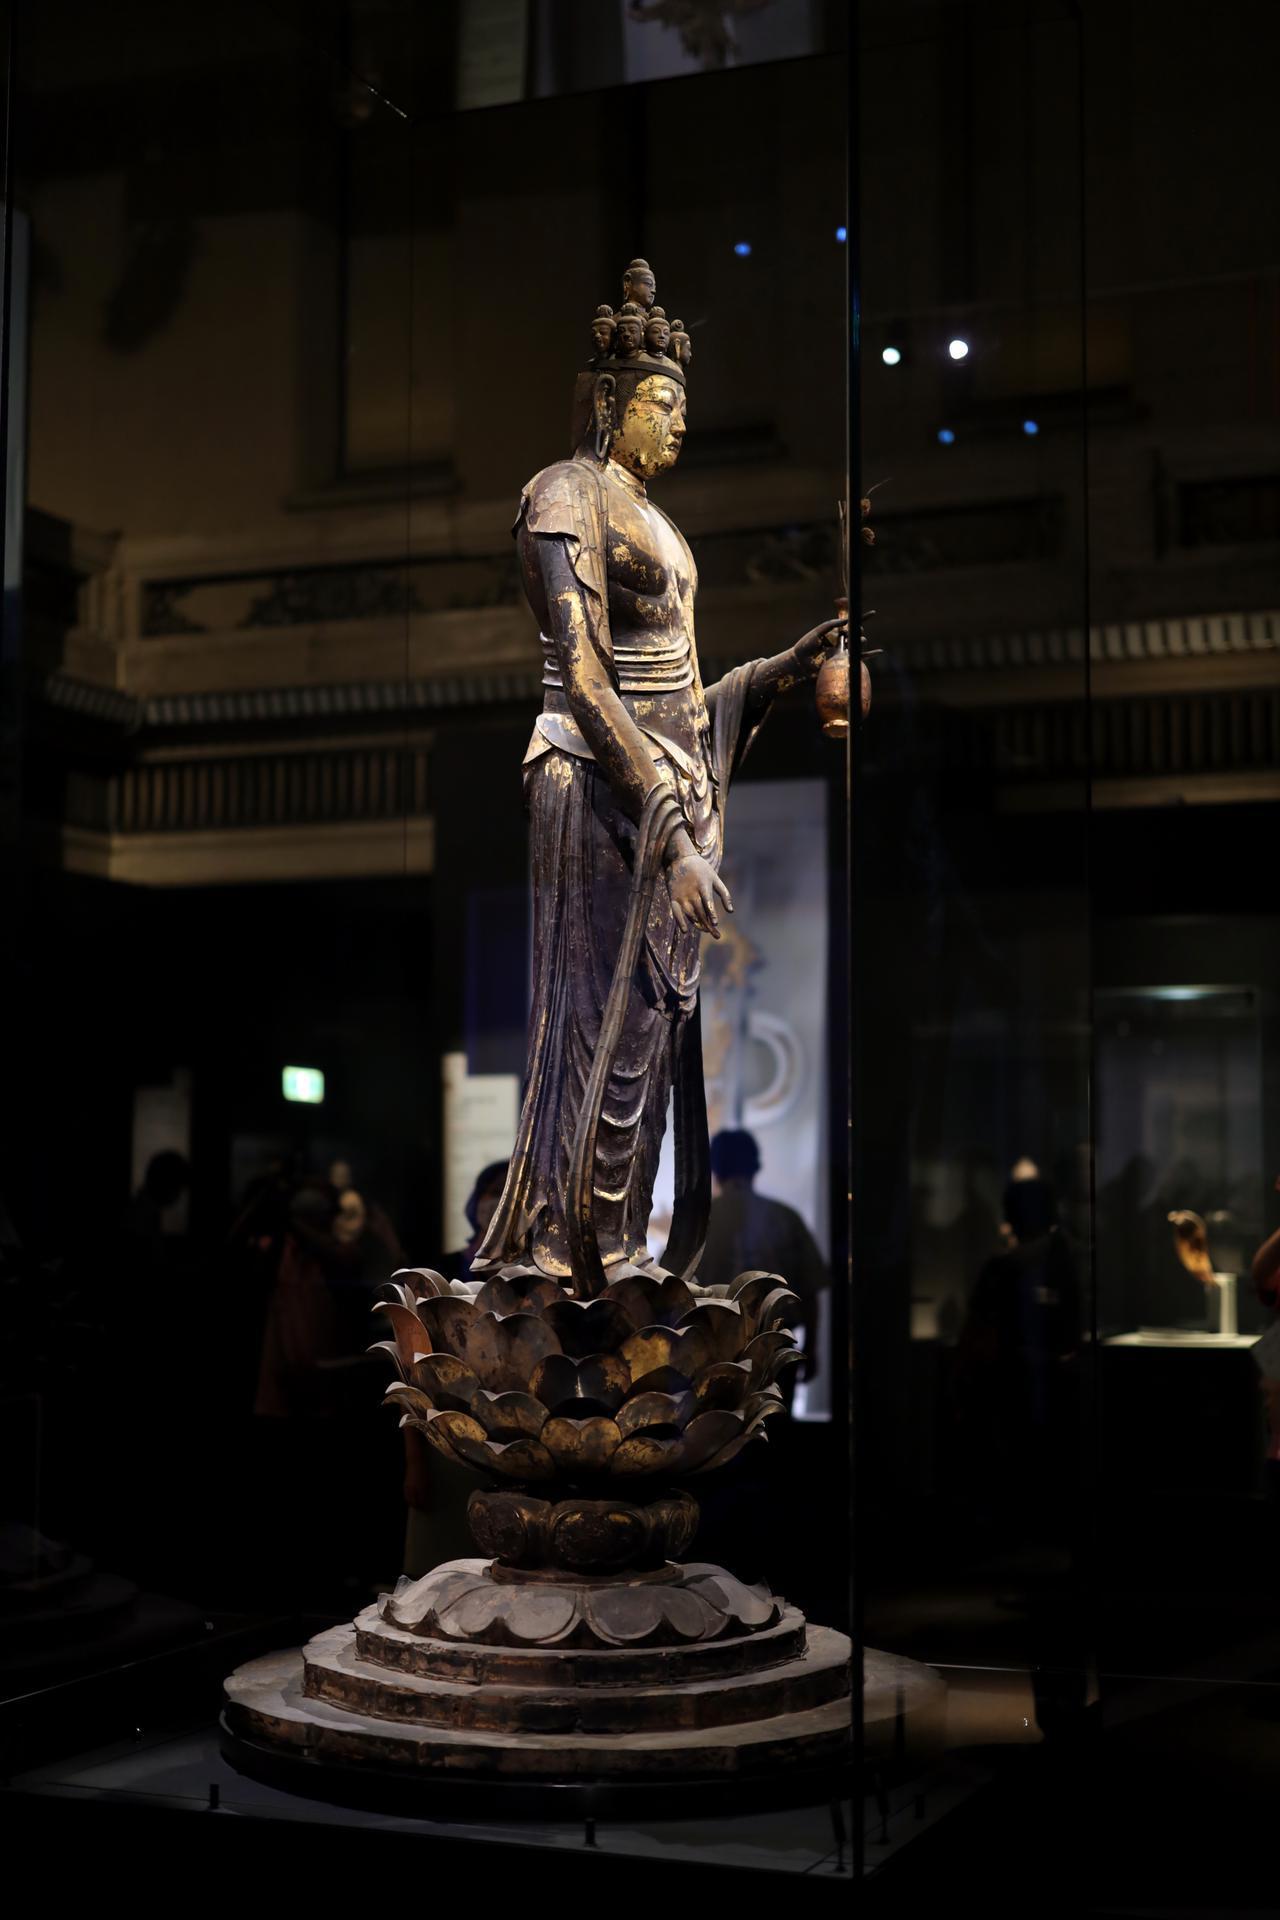 画像3: 国宝 十一面観音菩薩立像 奈良時代・8世紀 奈良・聖林寺蔵